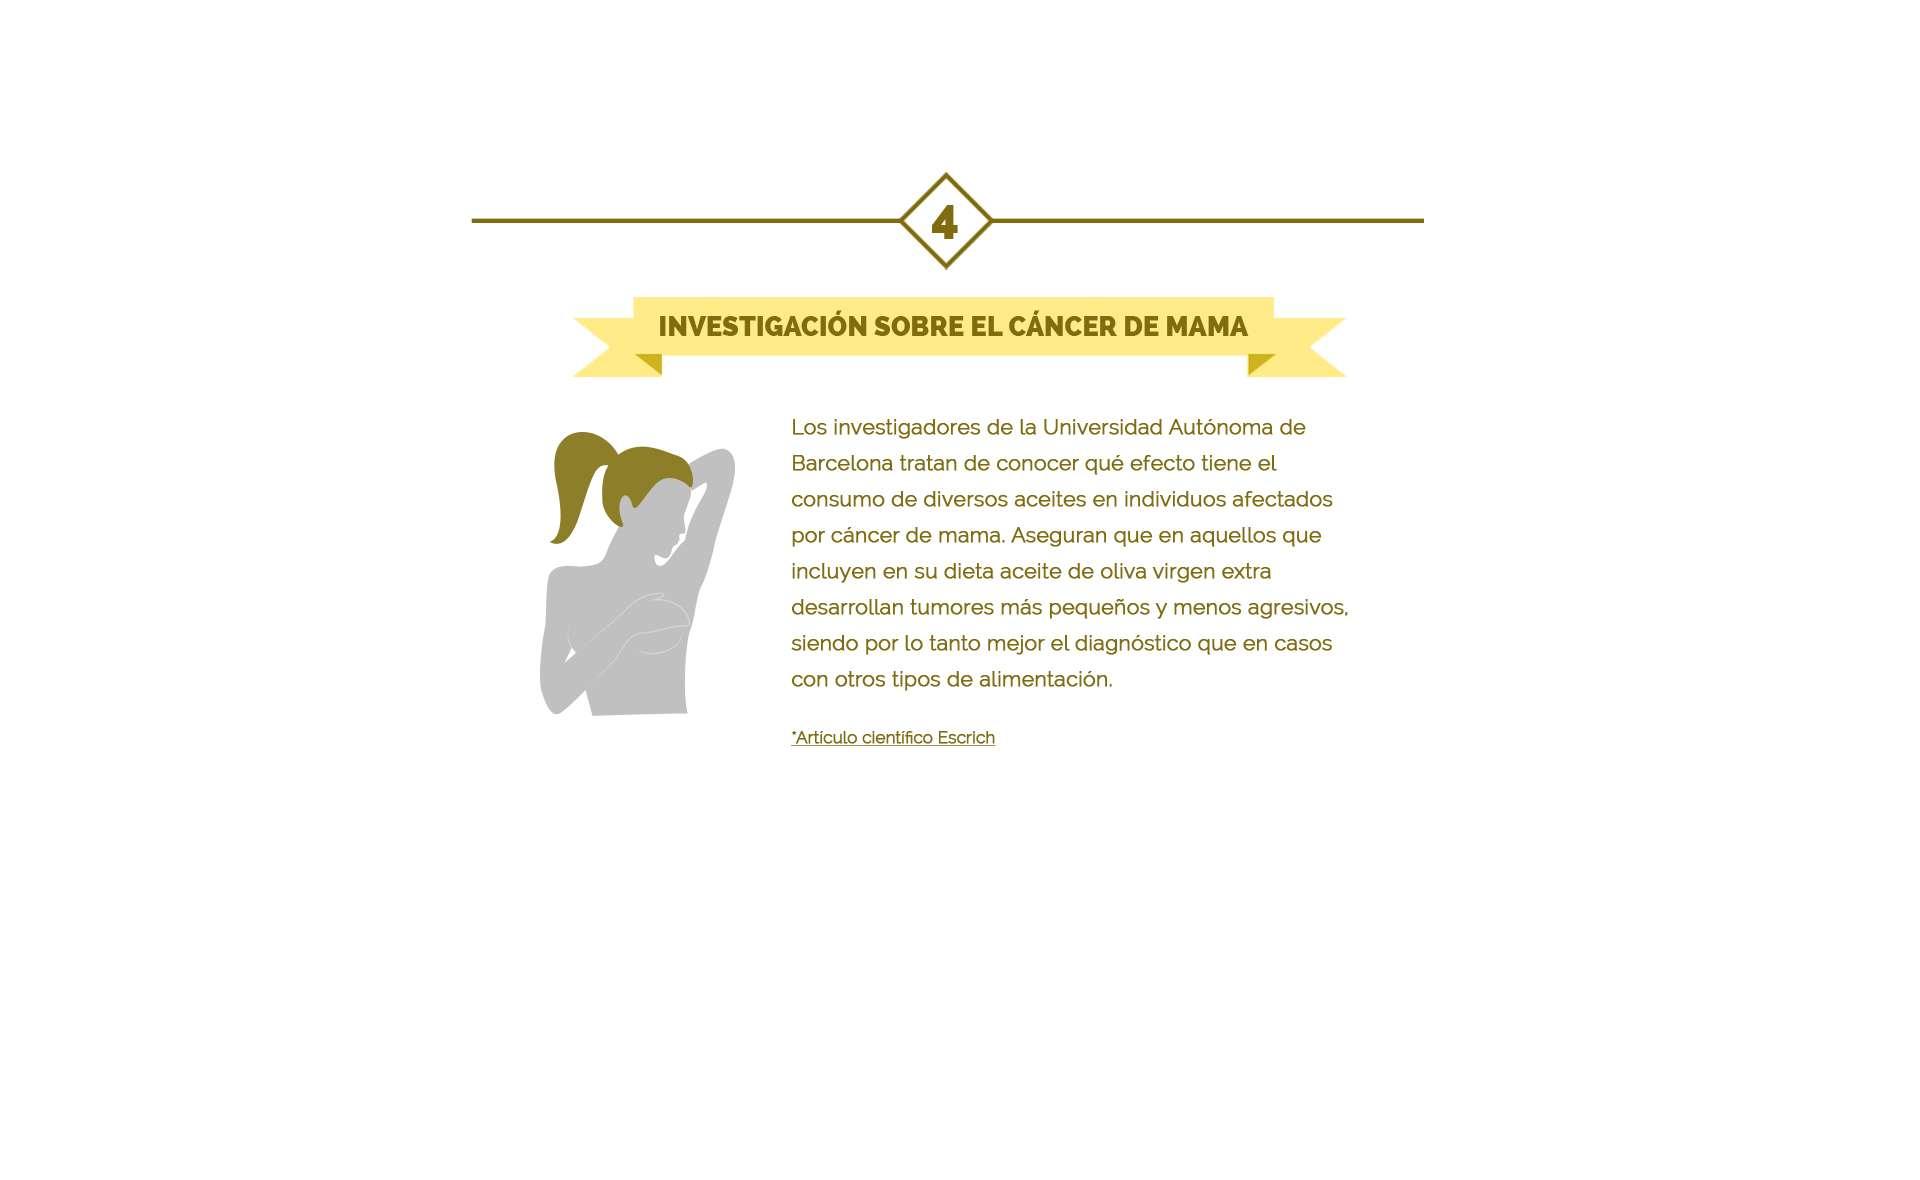 efecto del aceite de oliva en el cáncer de mama